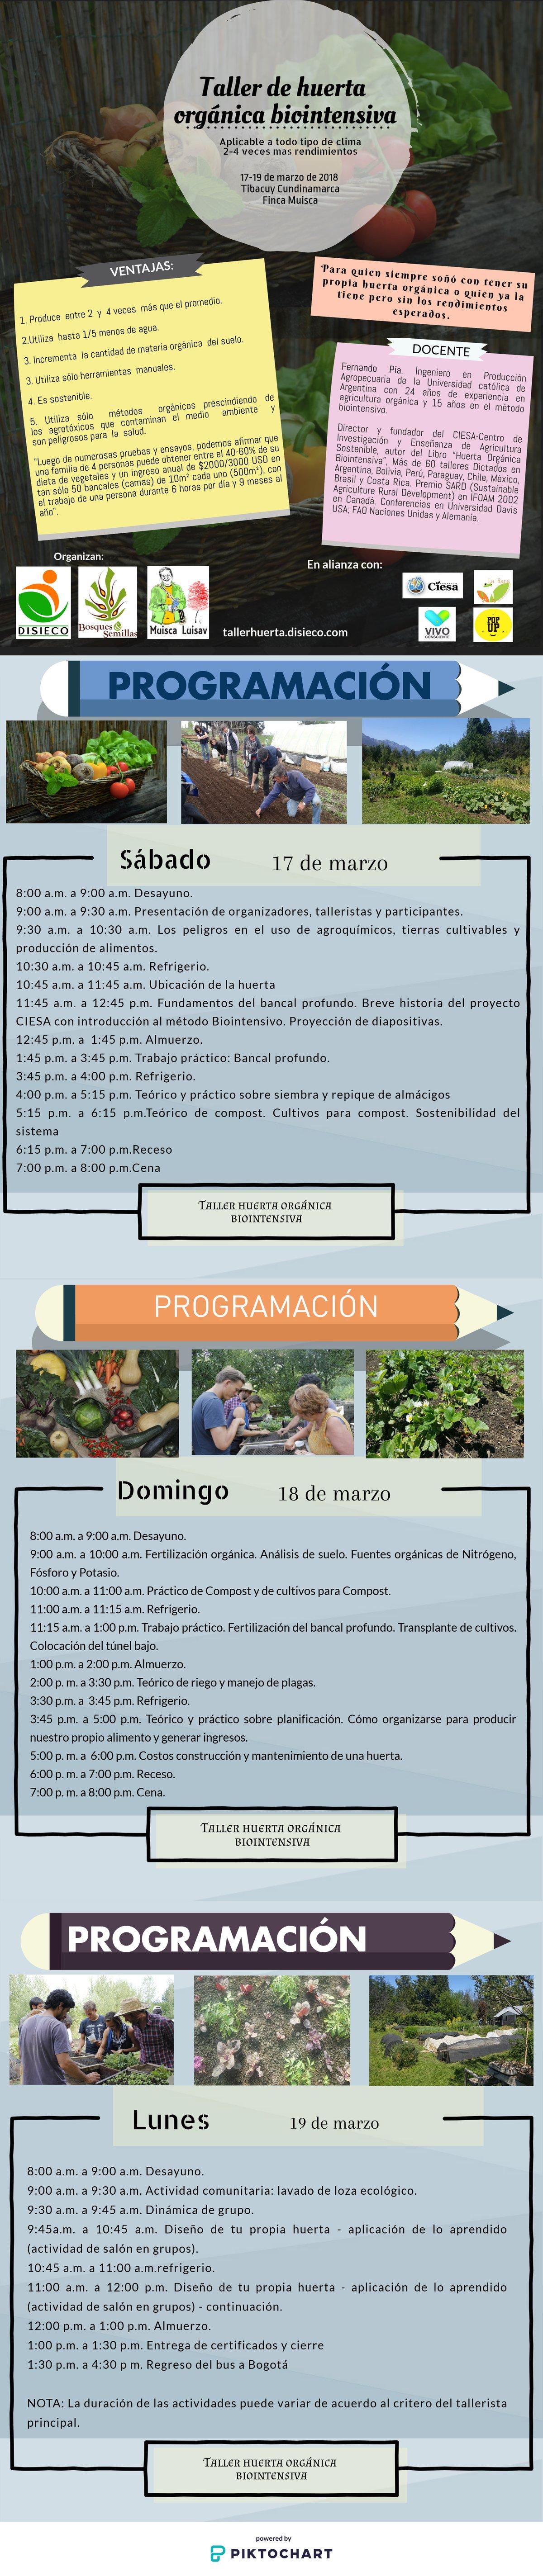 Programacion 29 ene 2018 web taller huerta orgánica biointensiva 17-19mar2018-v2